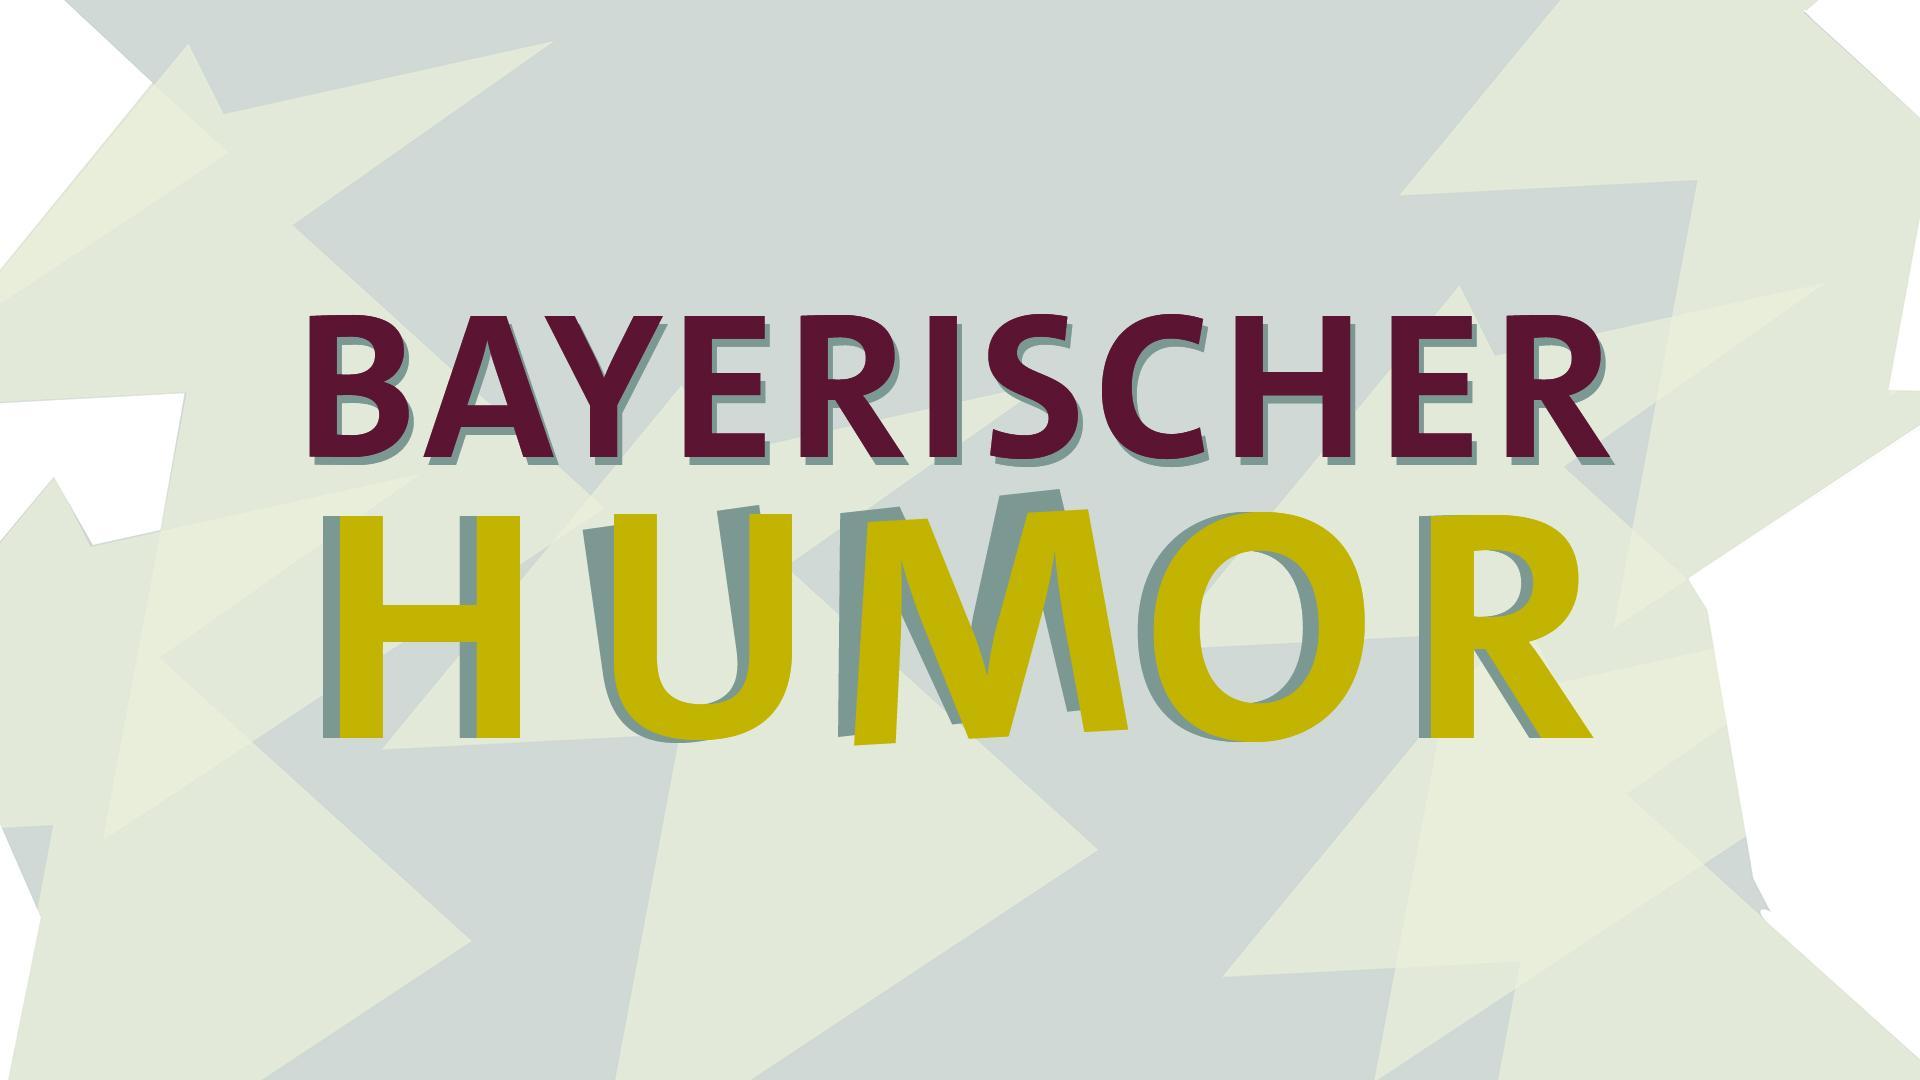 Die 265 Besten Bilder Zu Bayrisches In 2020 Bayrische Spruche